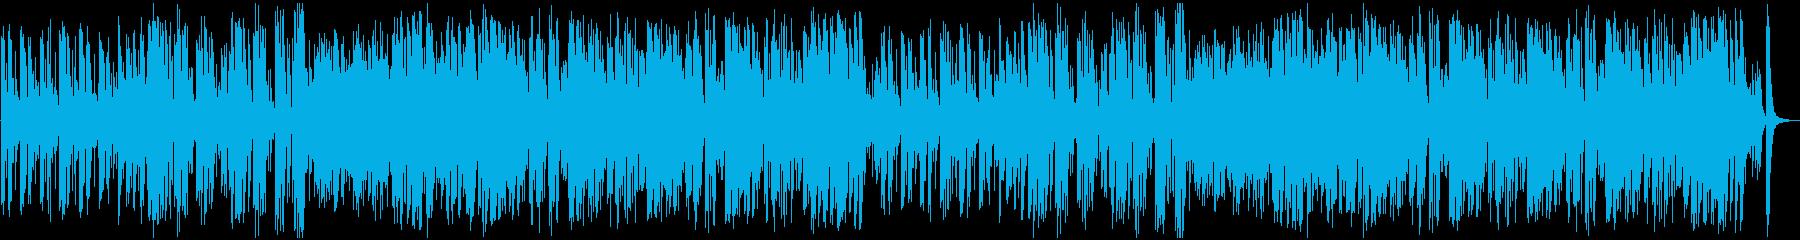 オーケストラの明るい序曲の再生済みの波形